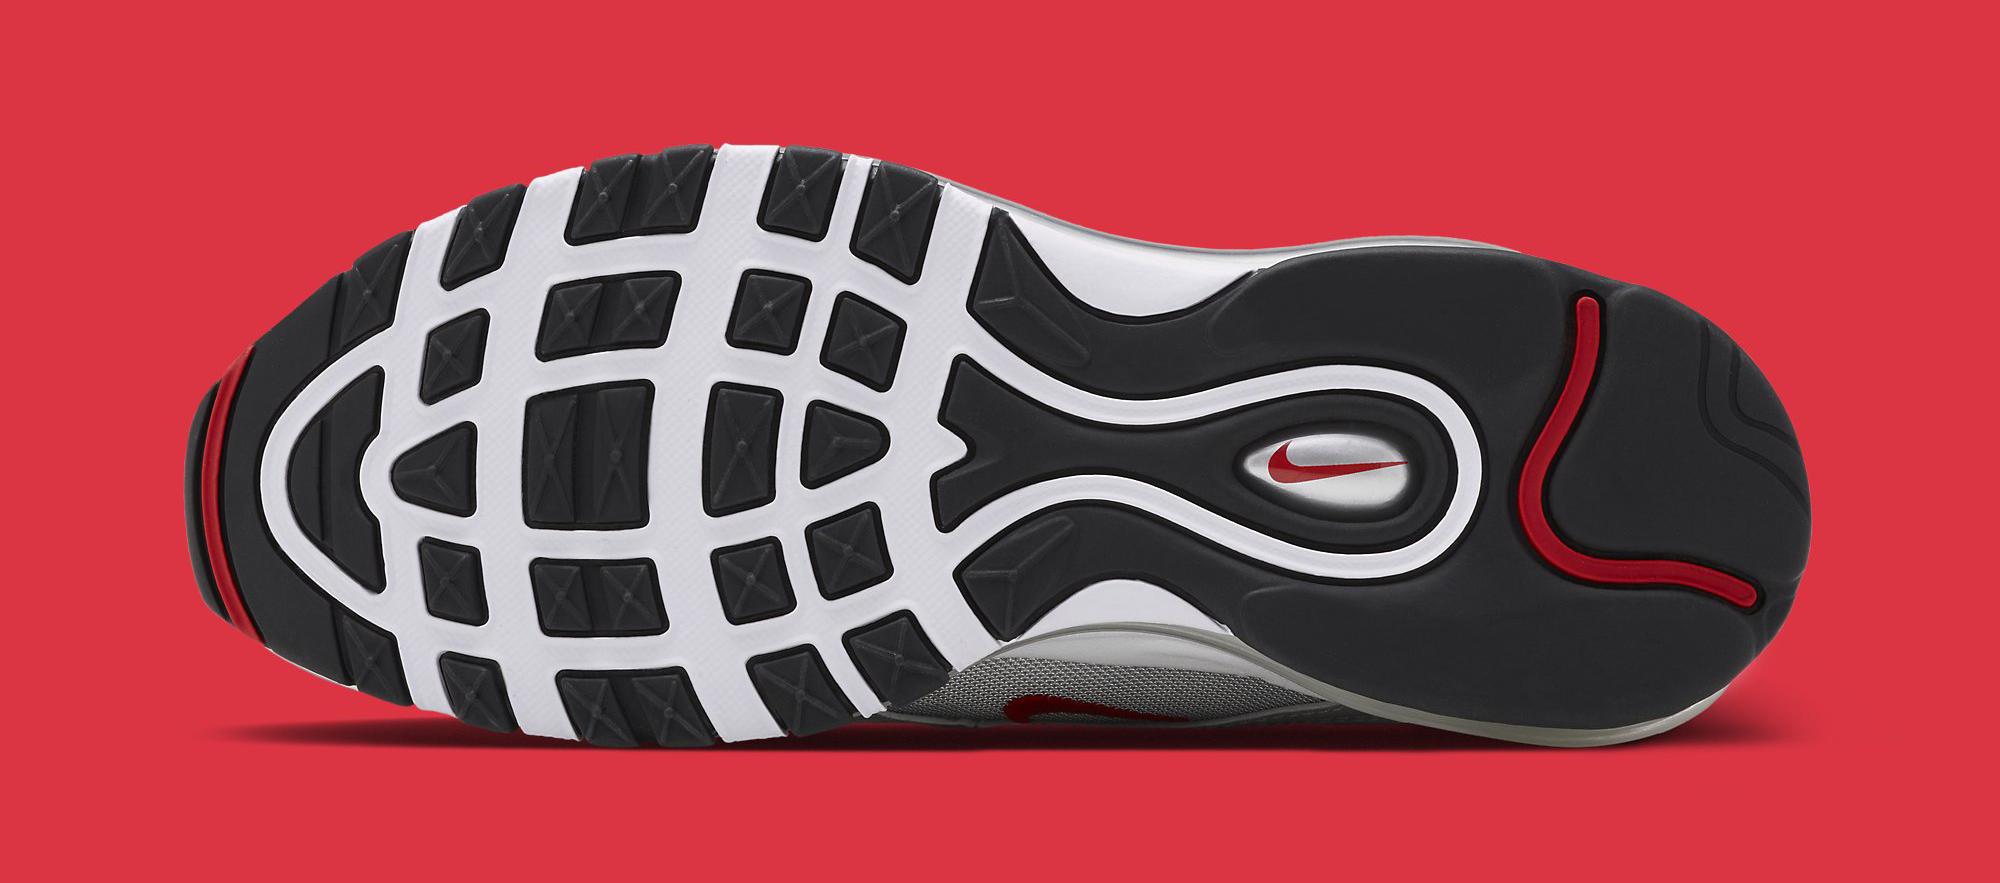 Silver Nike Air Max 97 884421-001 Sole